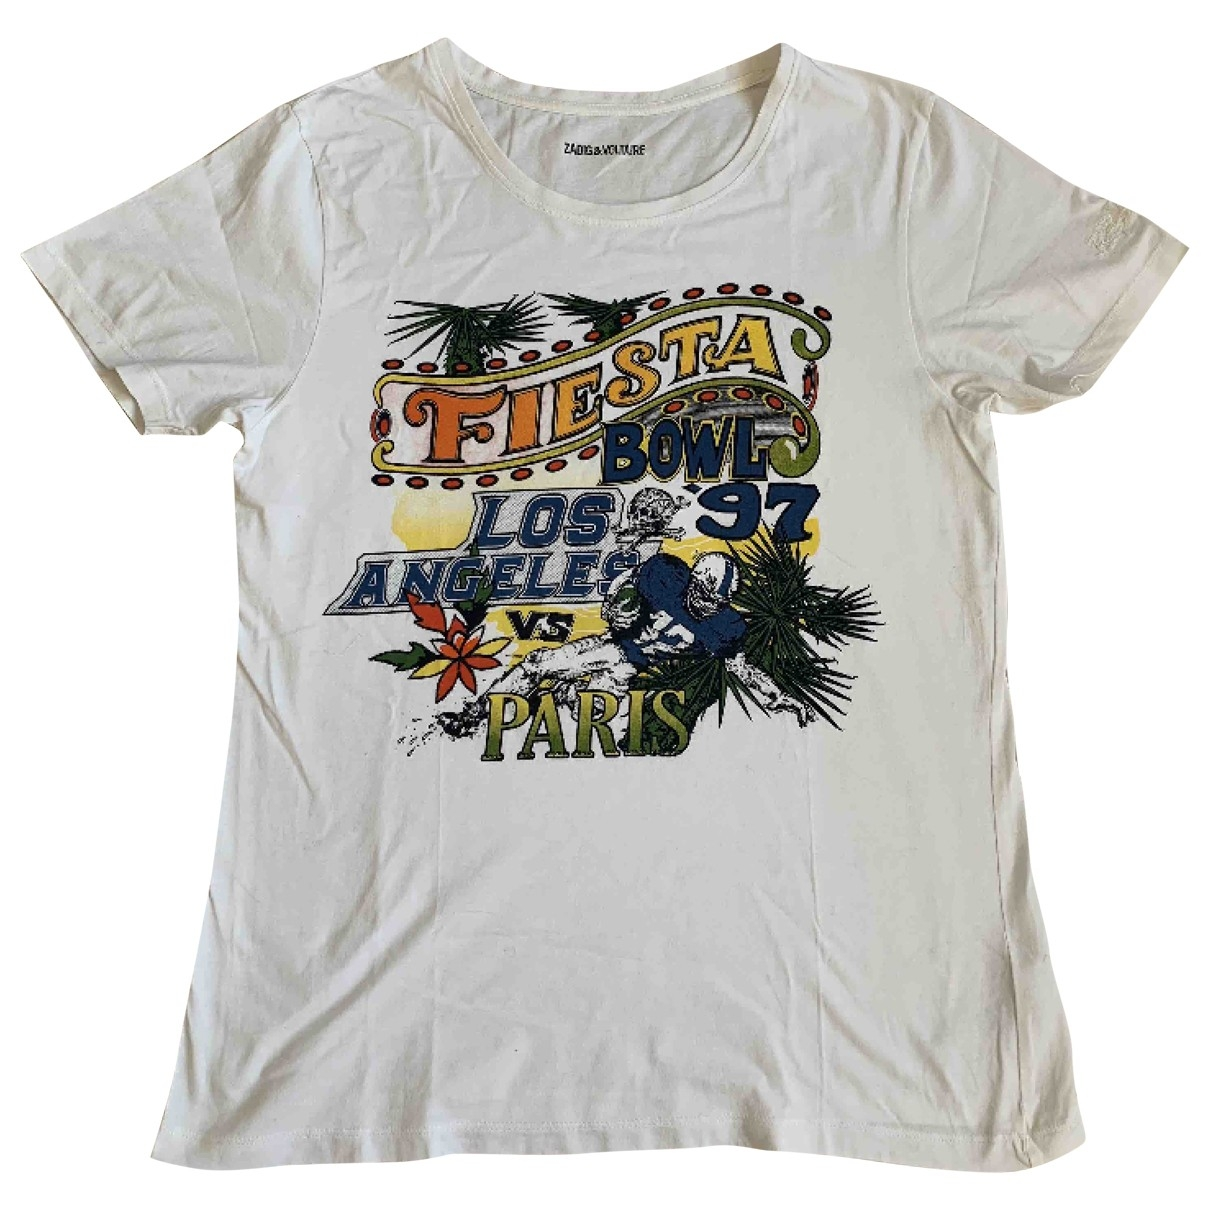 Zadig & Voltaire - Tee shirts   pour homme en coton - blanc